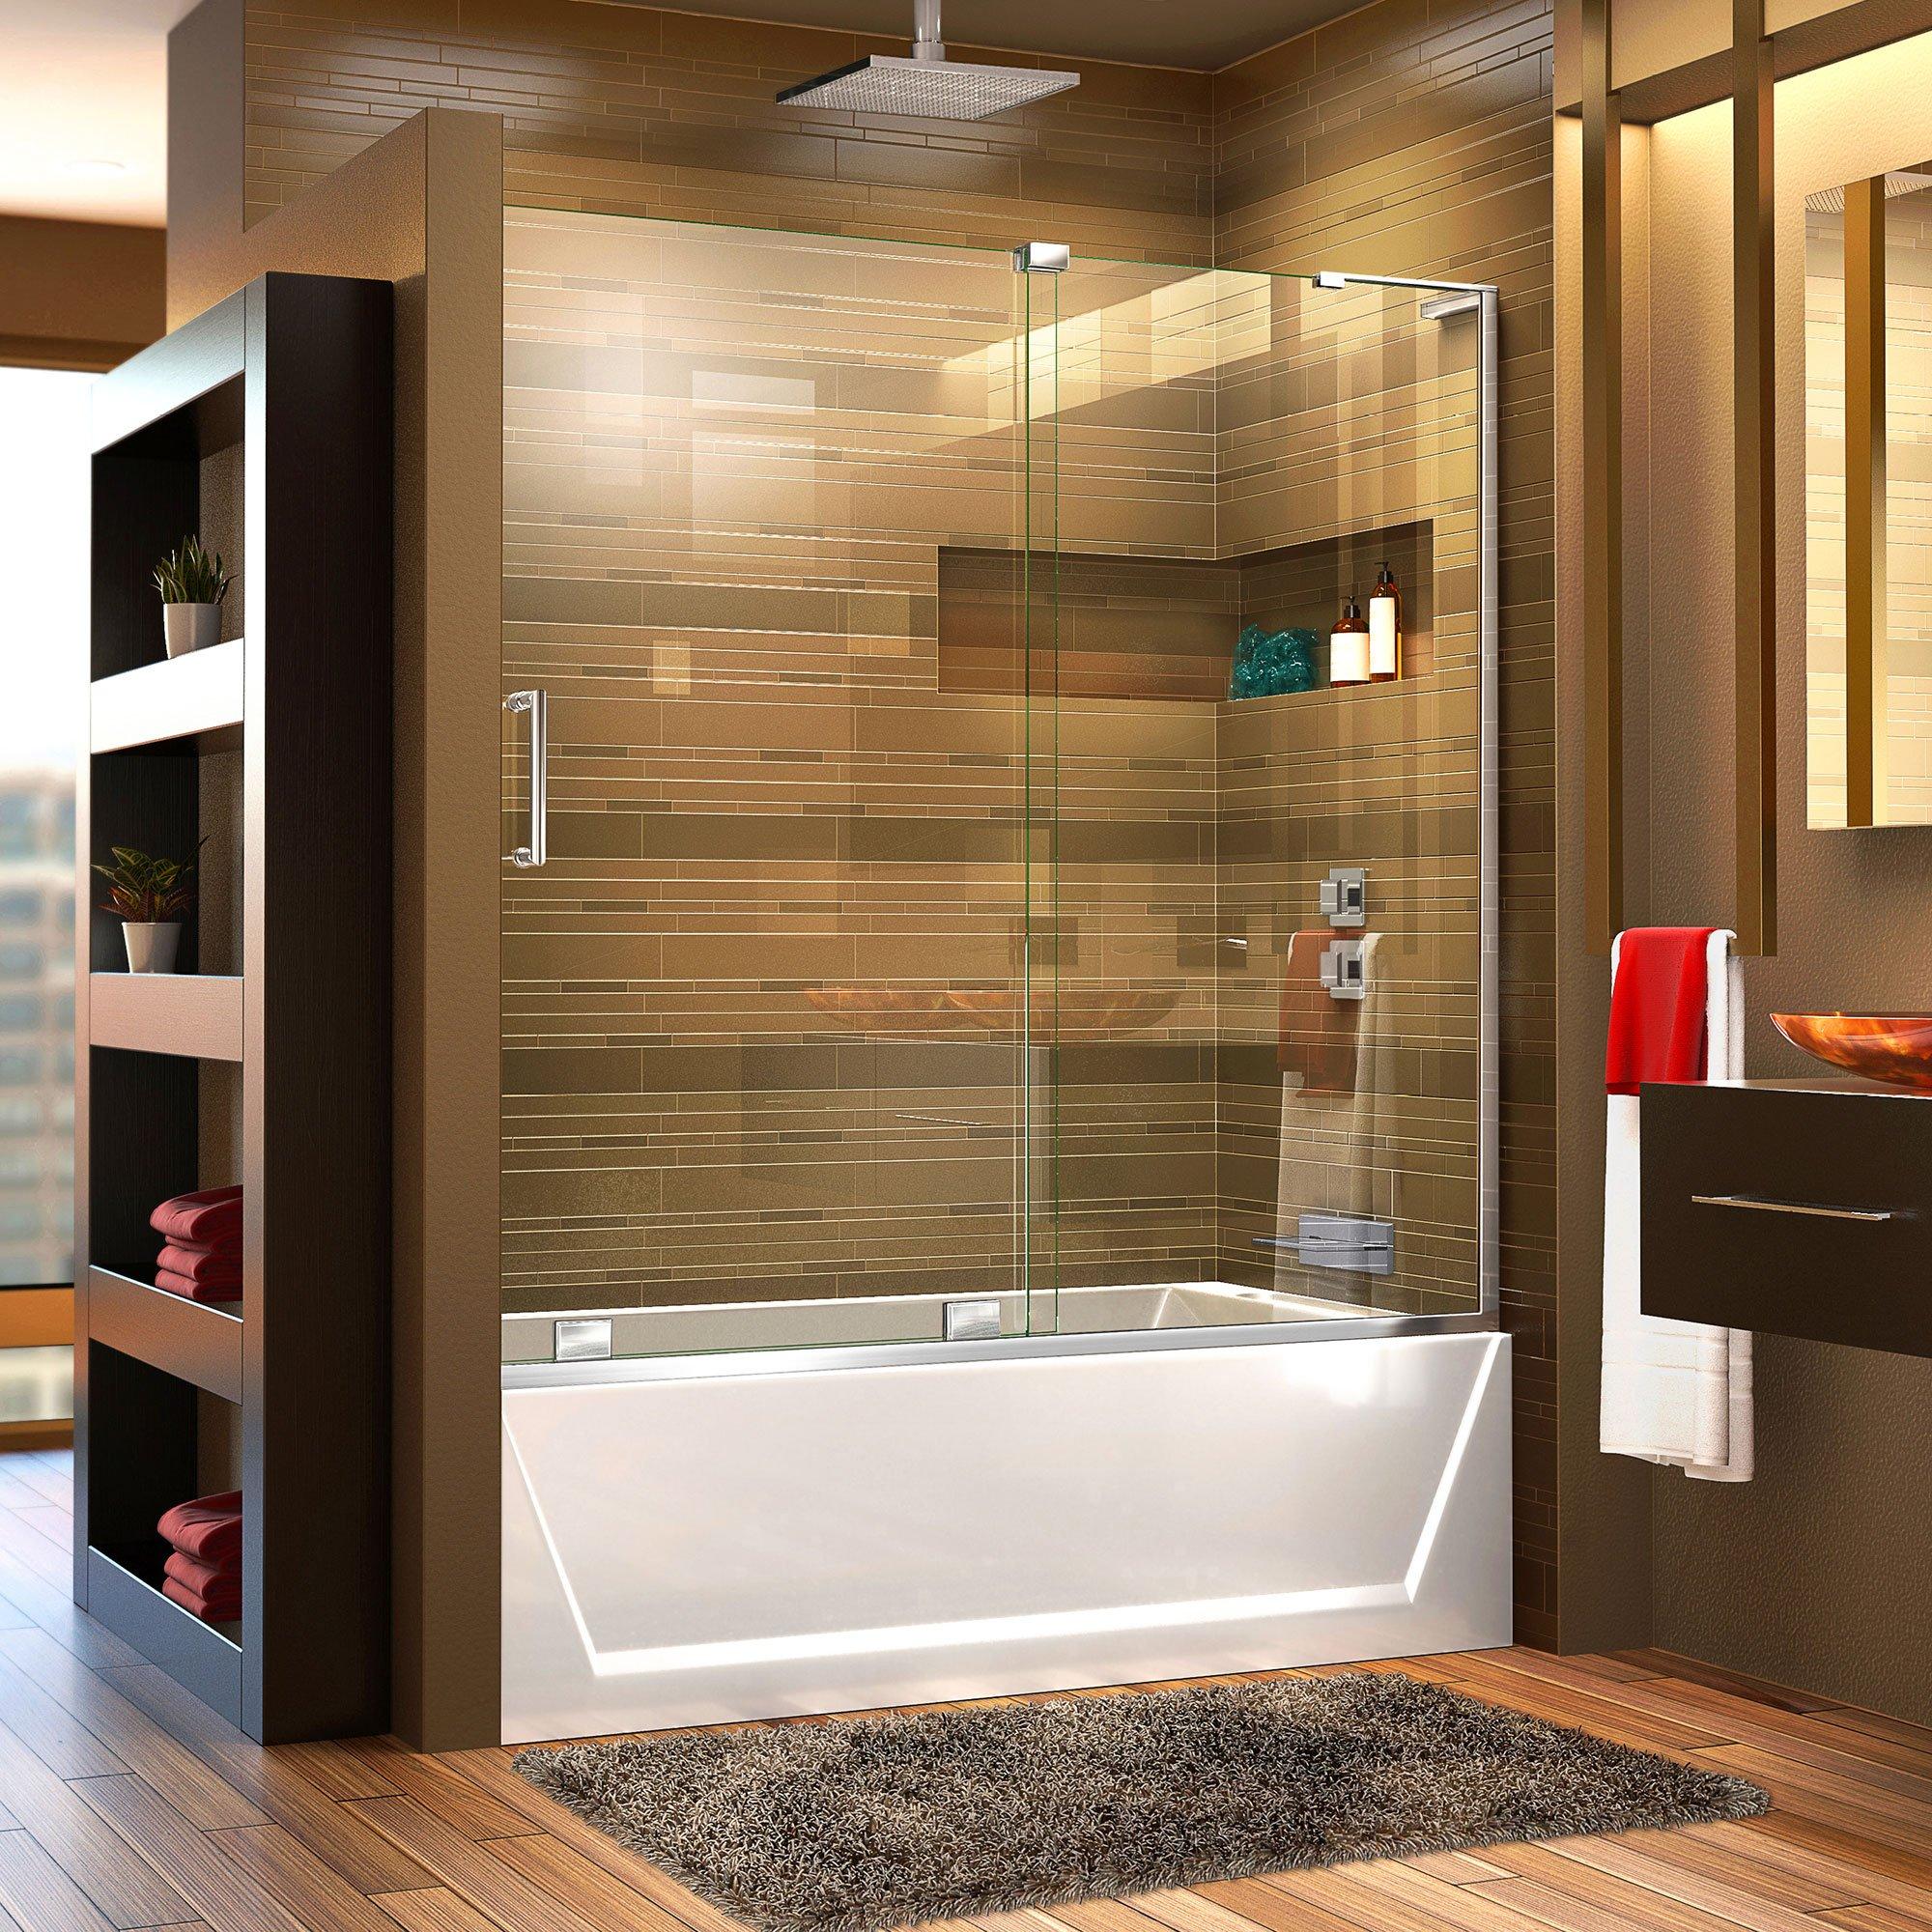 DreamLine Mirage-X 56-60 in. Width, Frameless Sliding Tub Door, 3/8'' Glass, Chrome Finish